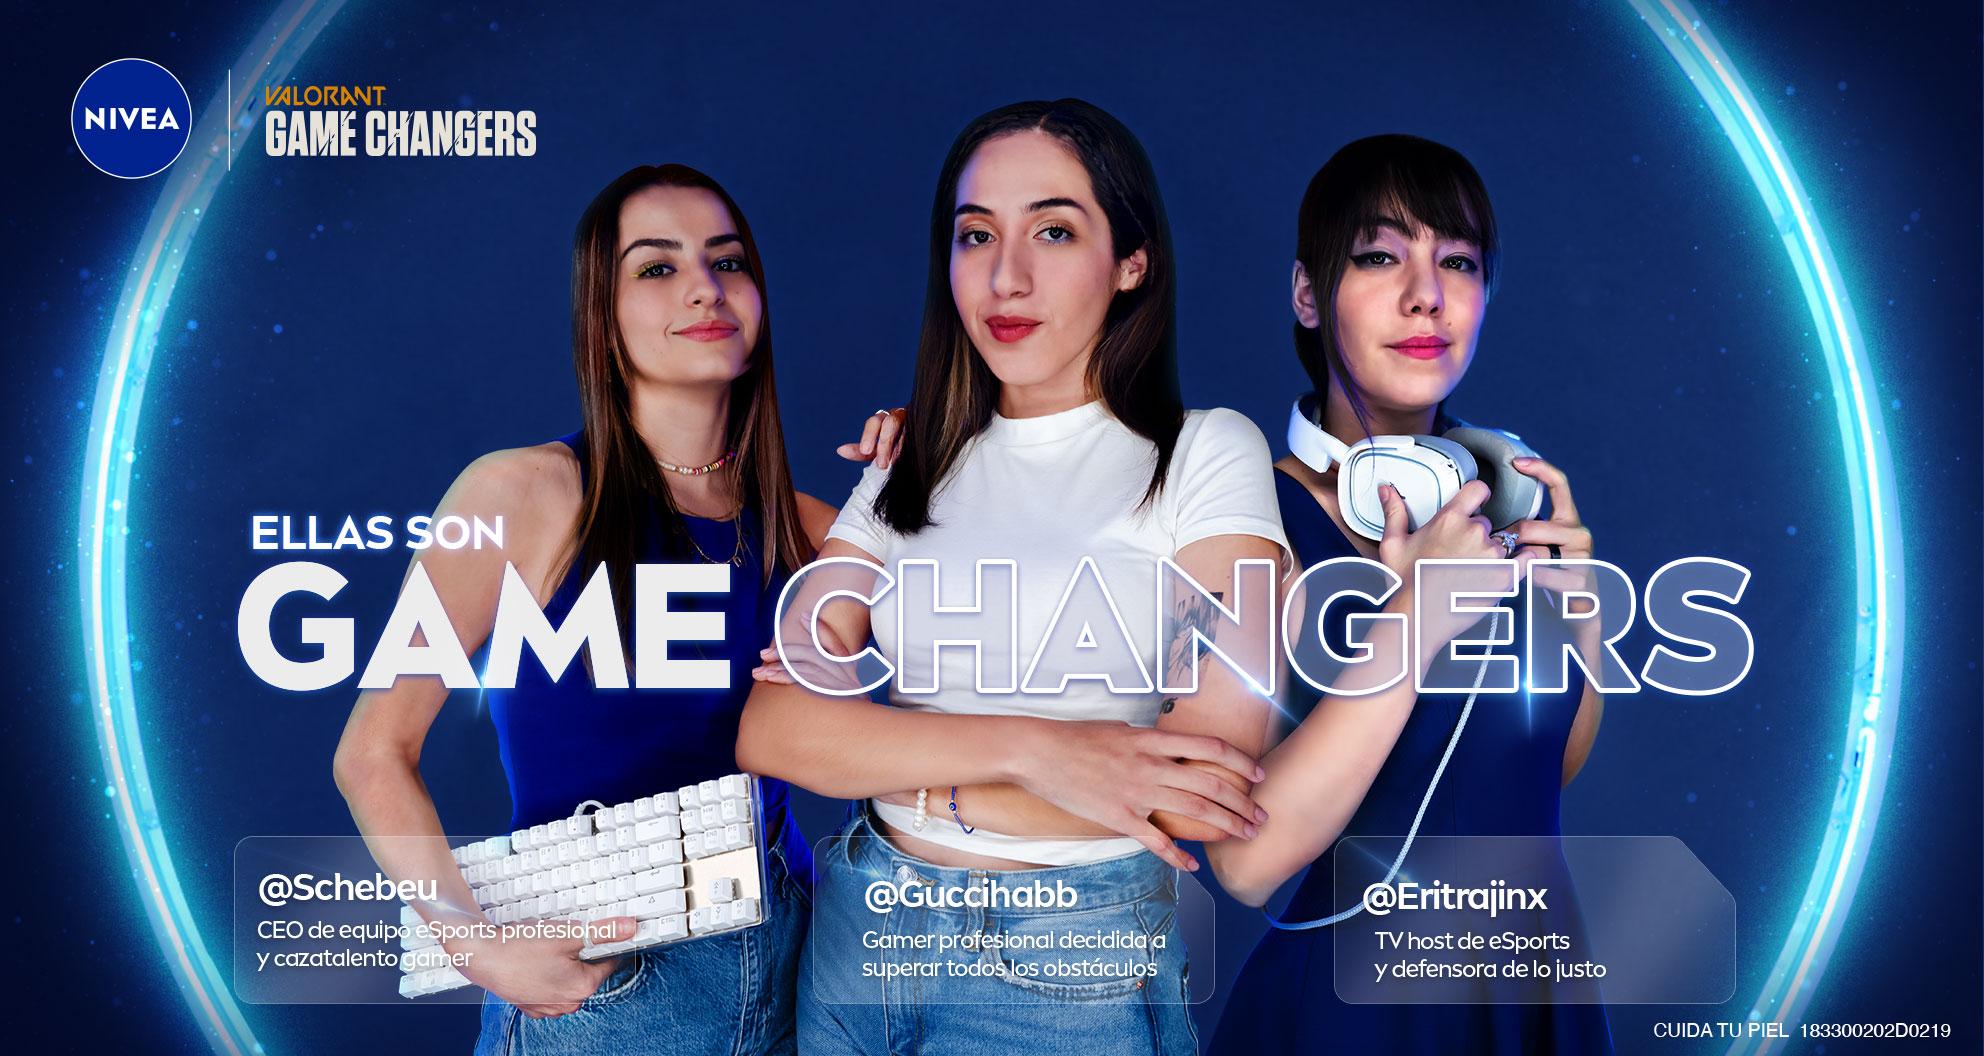 Mujeres gamer industria videojuegos